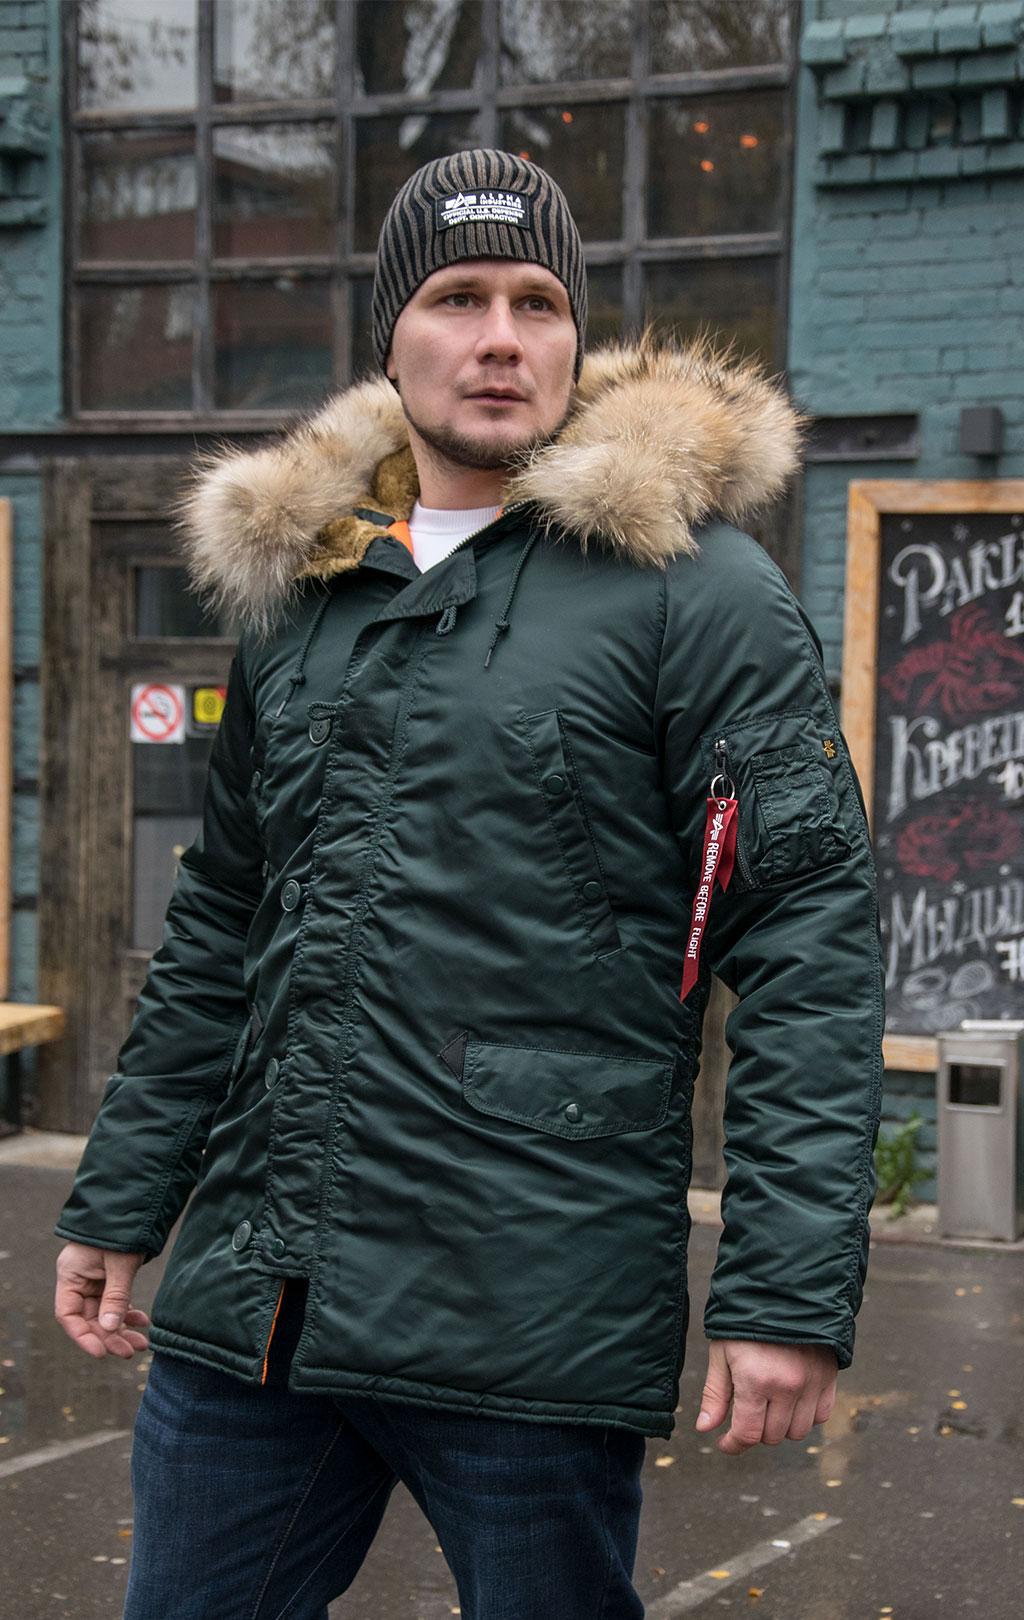 Аляска ALPHA INDUSTRIES VF 59 N-3B натур. мех dark petrol, купить в Интернет-магазине ForceAge.